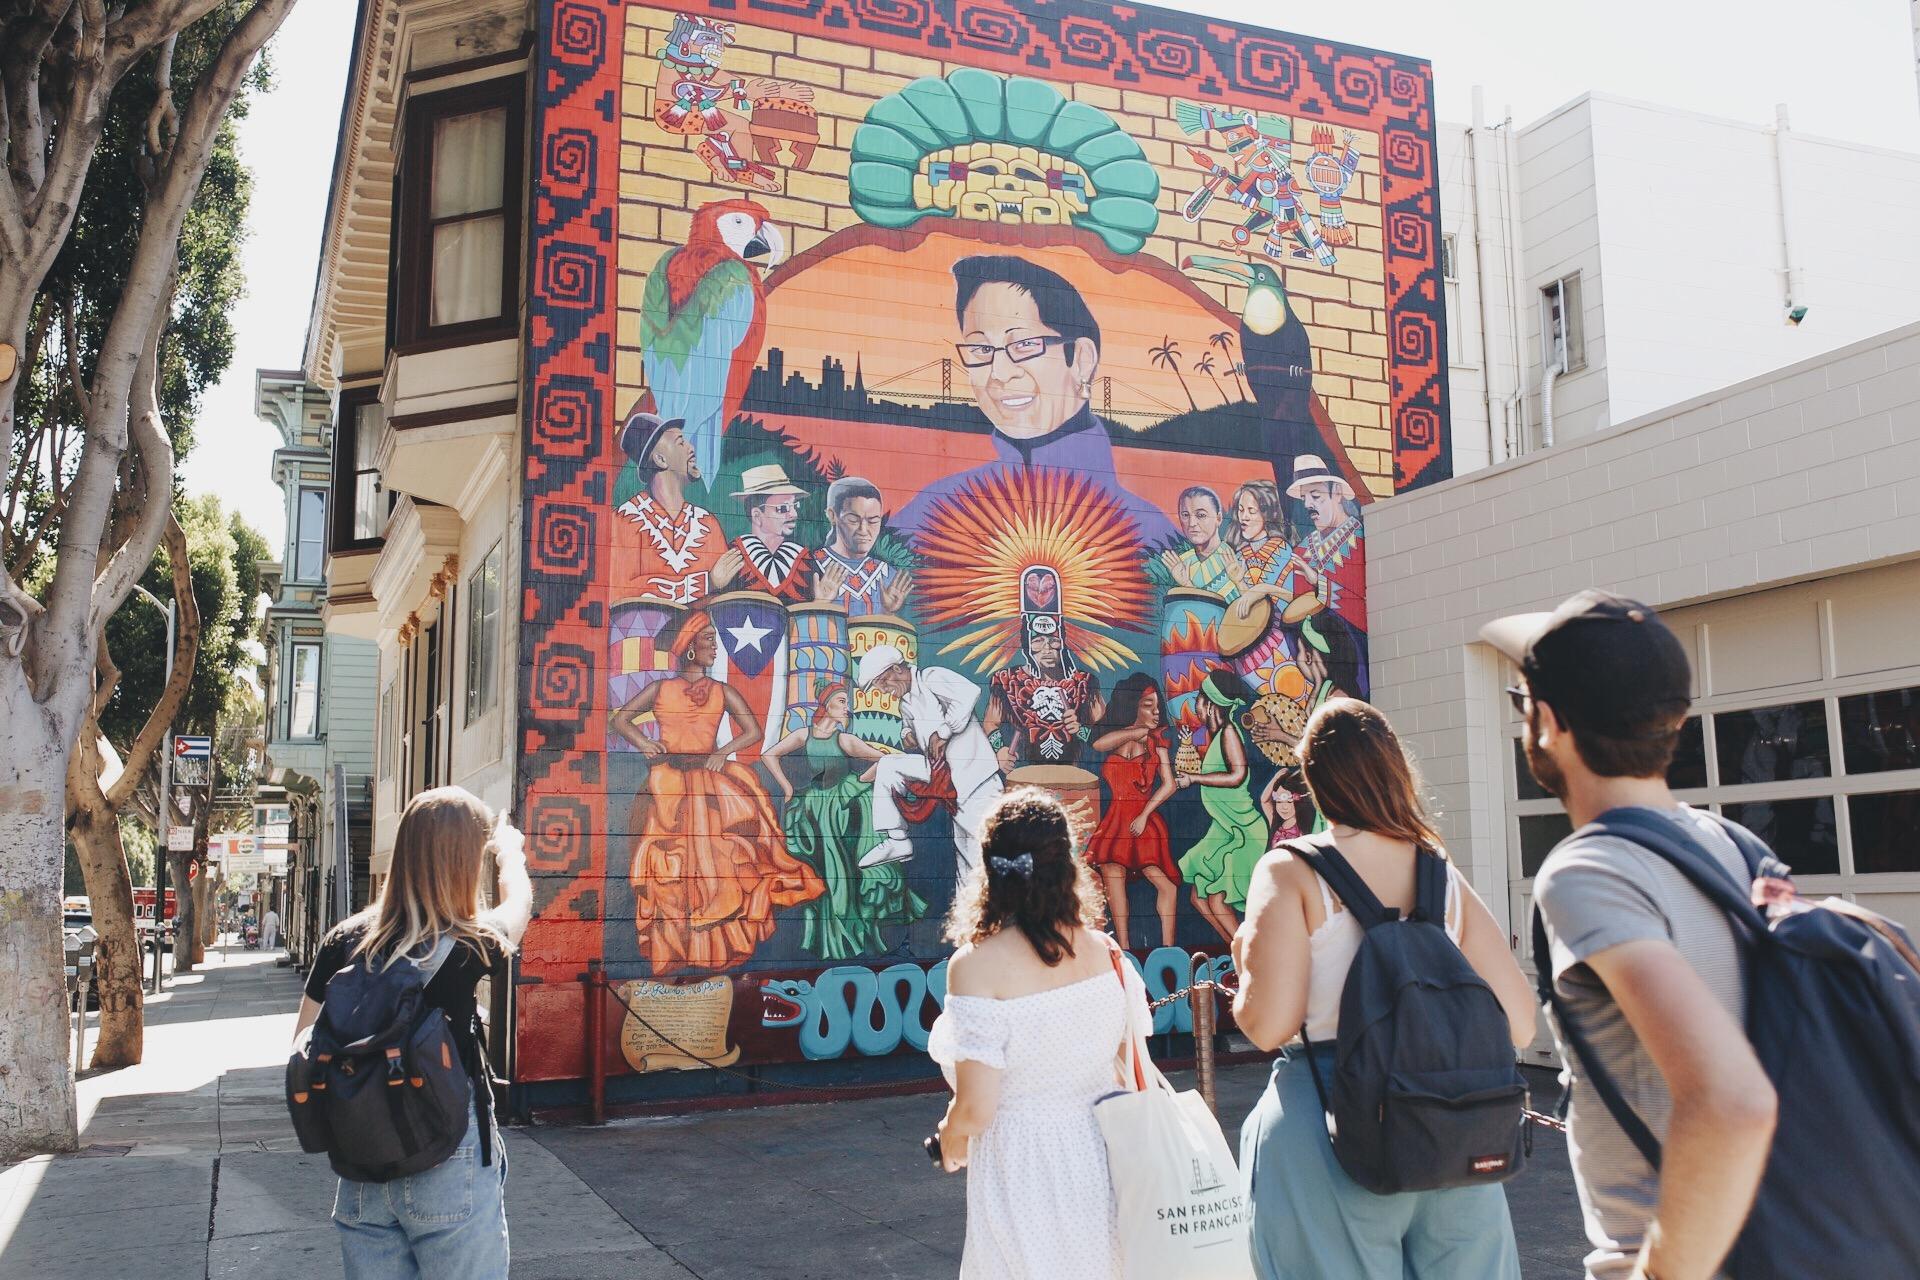 fresques-sanfrancisco-en-francais-visite-mission.JPG